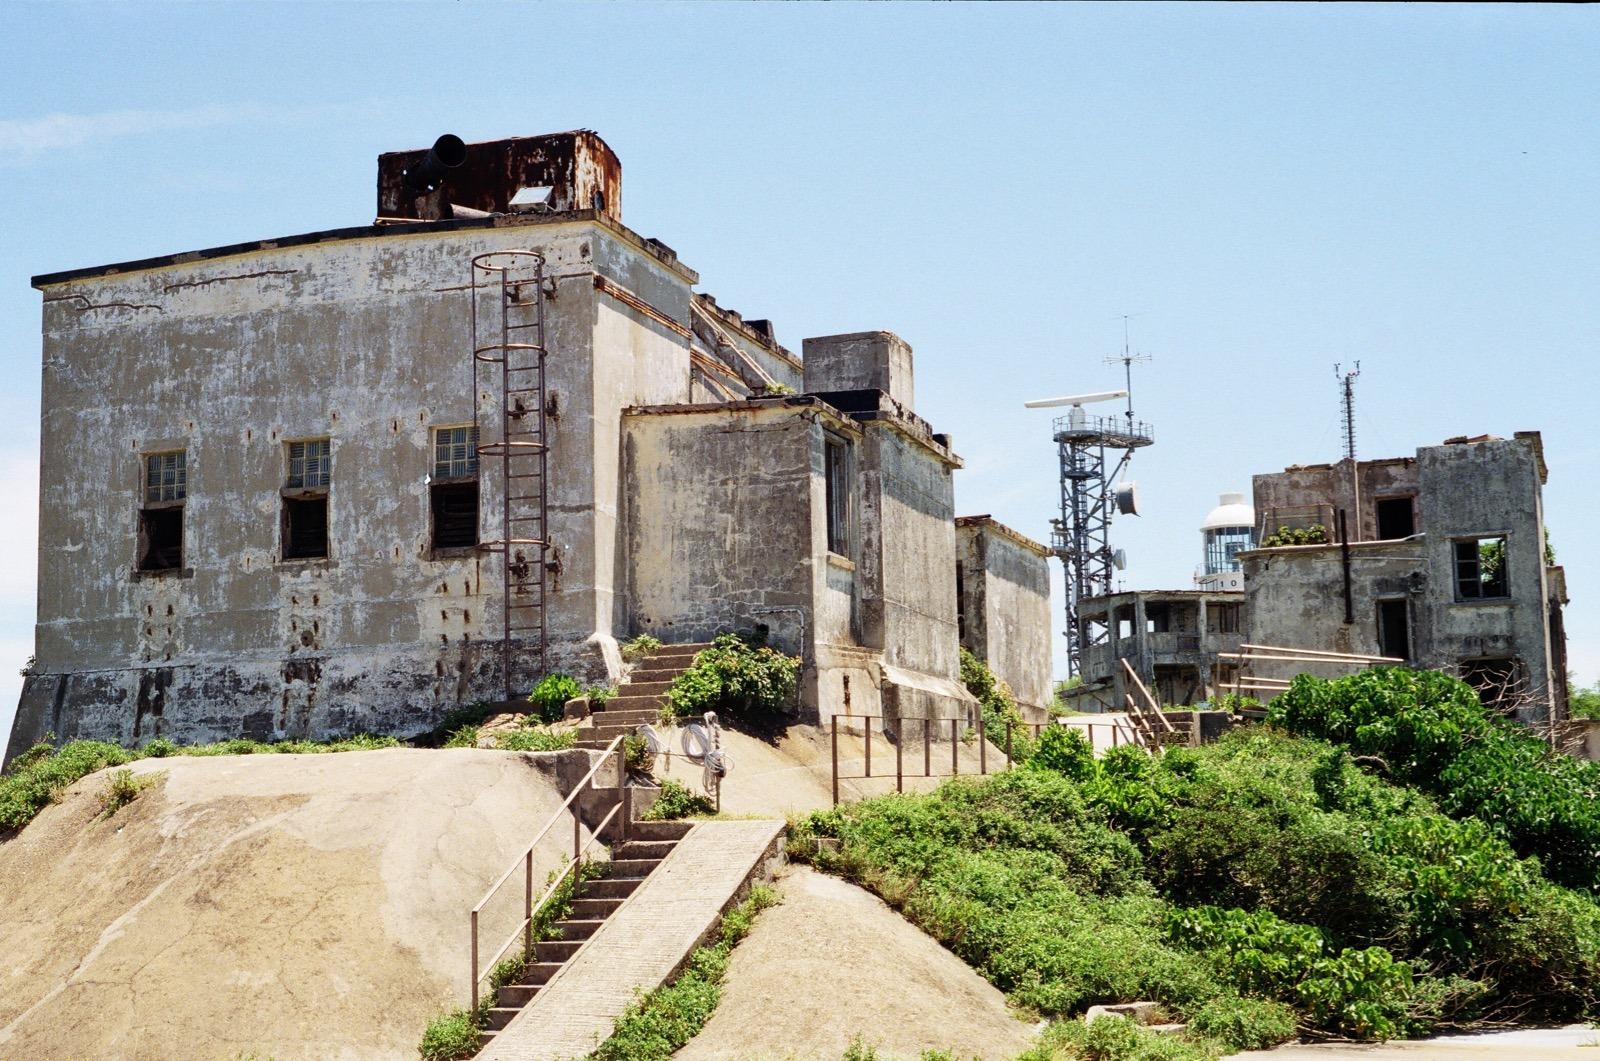 發電機房及頂部的「大喇叭」。